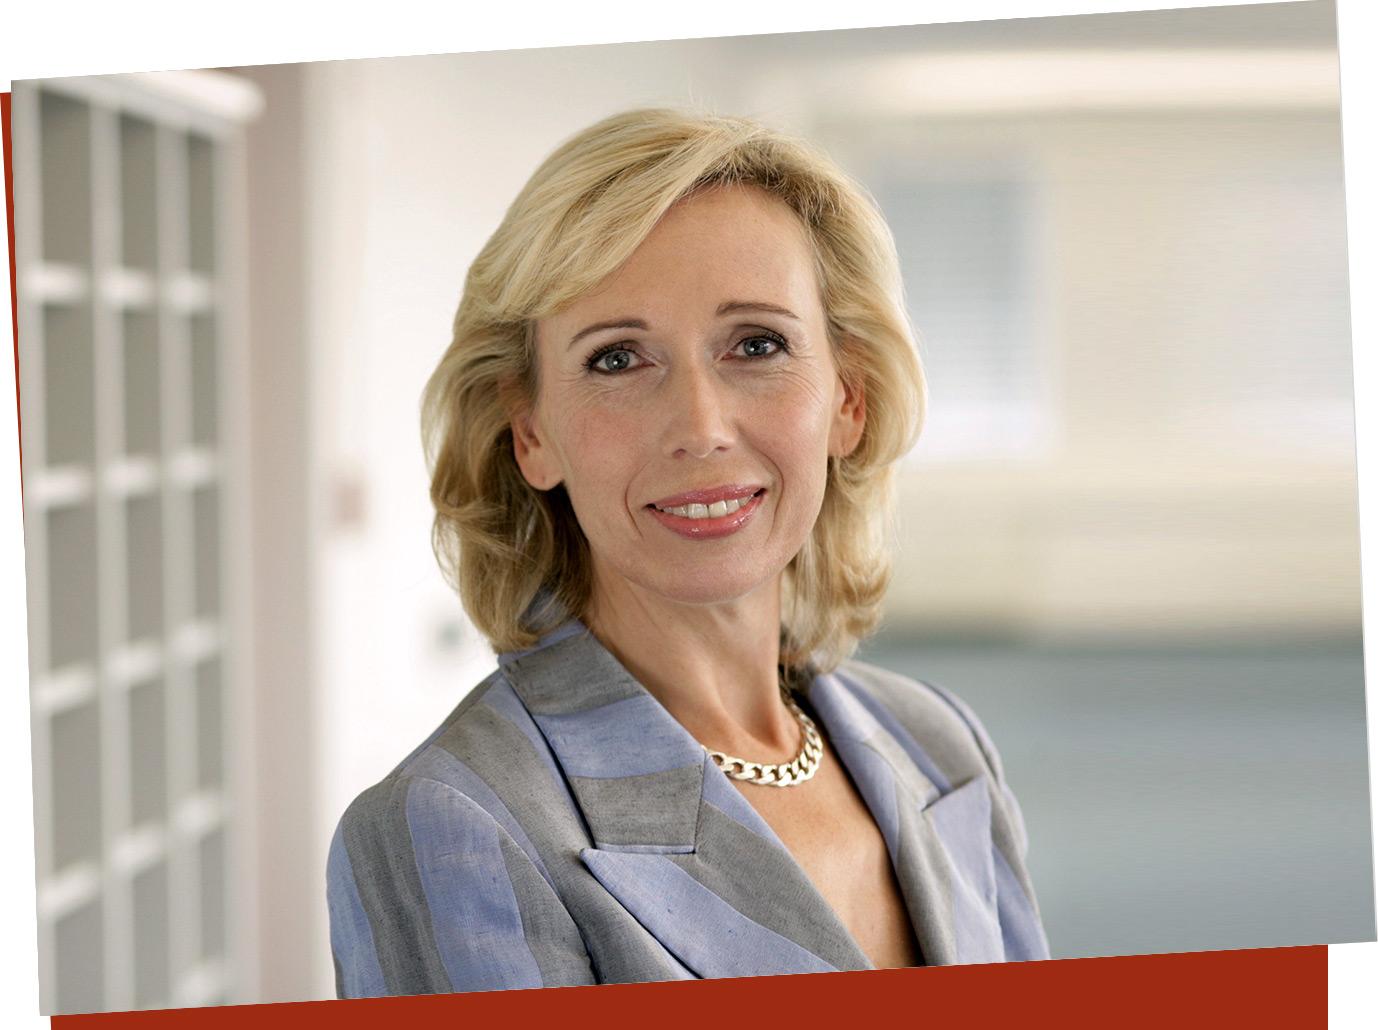 Dr. Petra Siedenhans, Geschäftsführerin EOS Serviceline, seit 14 Jahren bei EOS, seit 20 Jahren im Call Center-Geschäft.